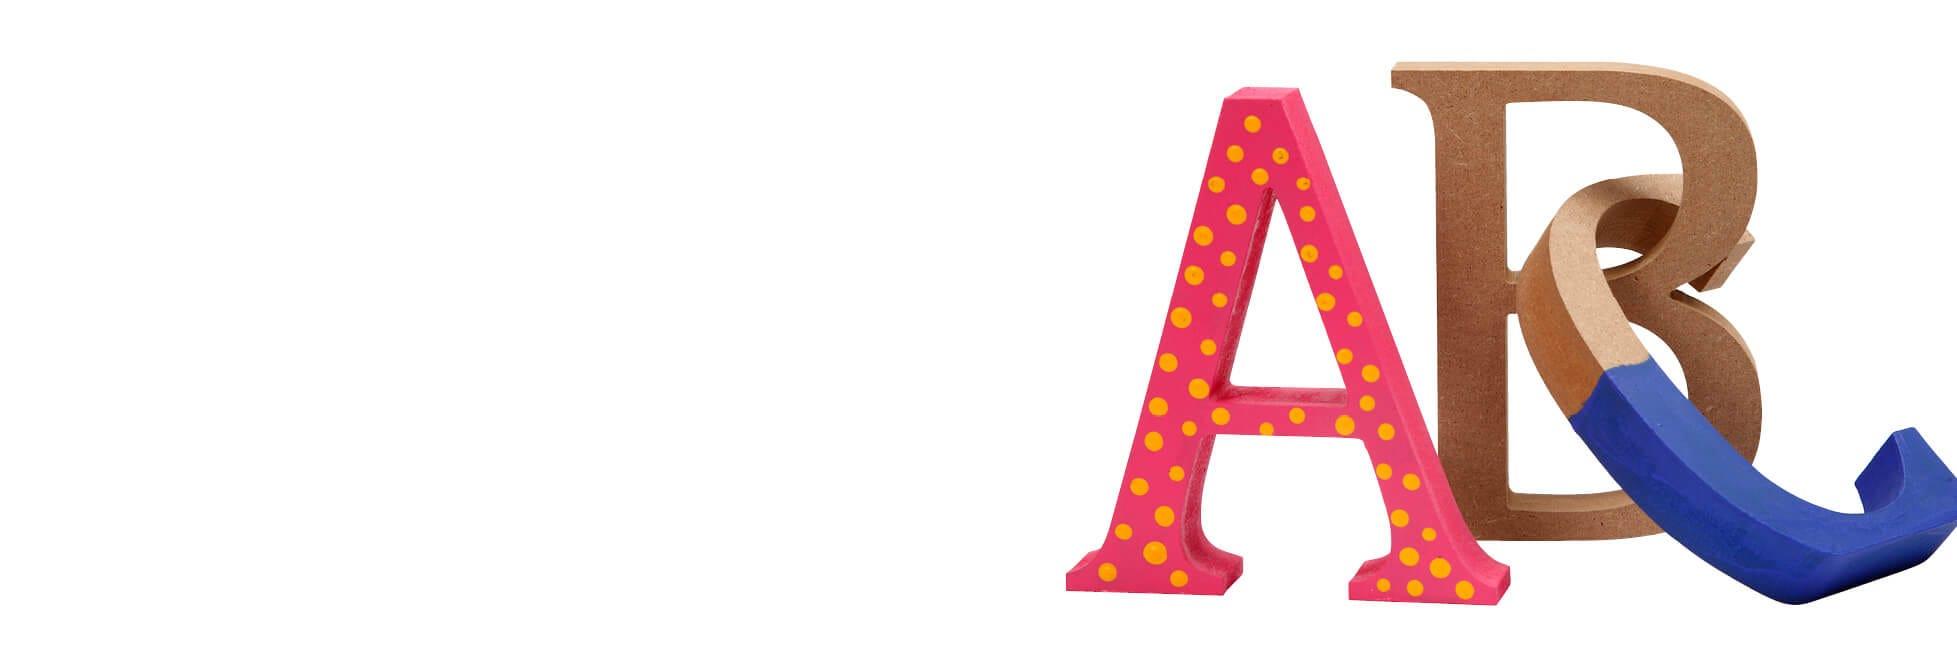 Lettere, numeri e parole